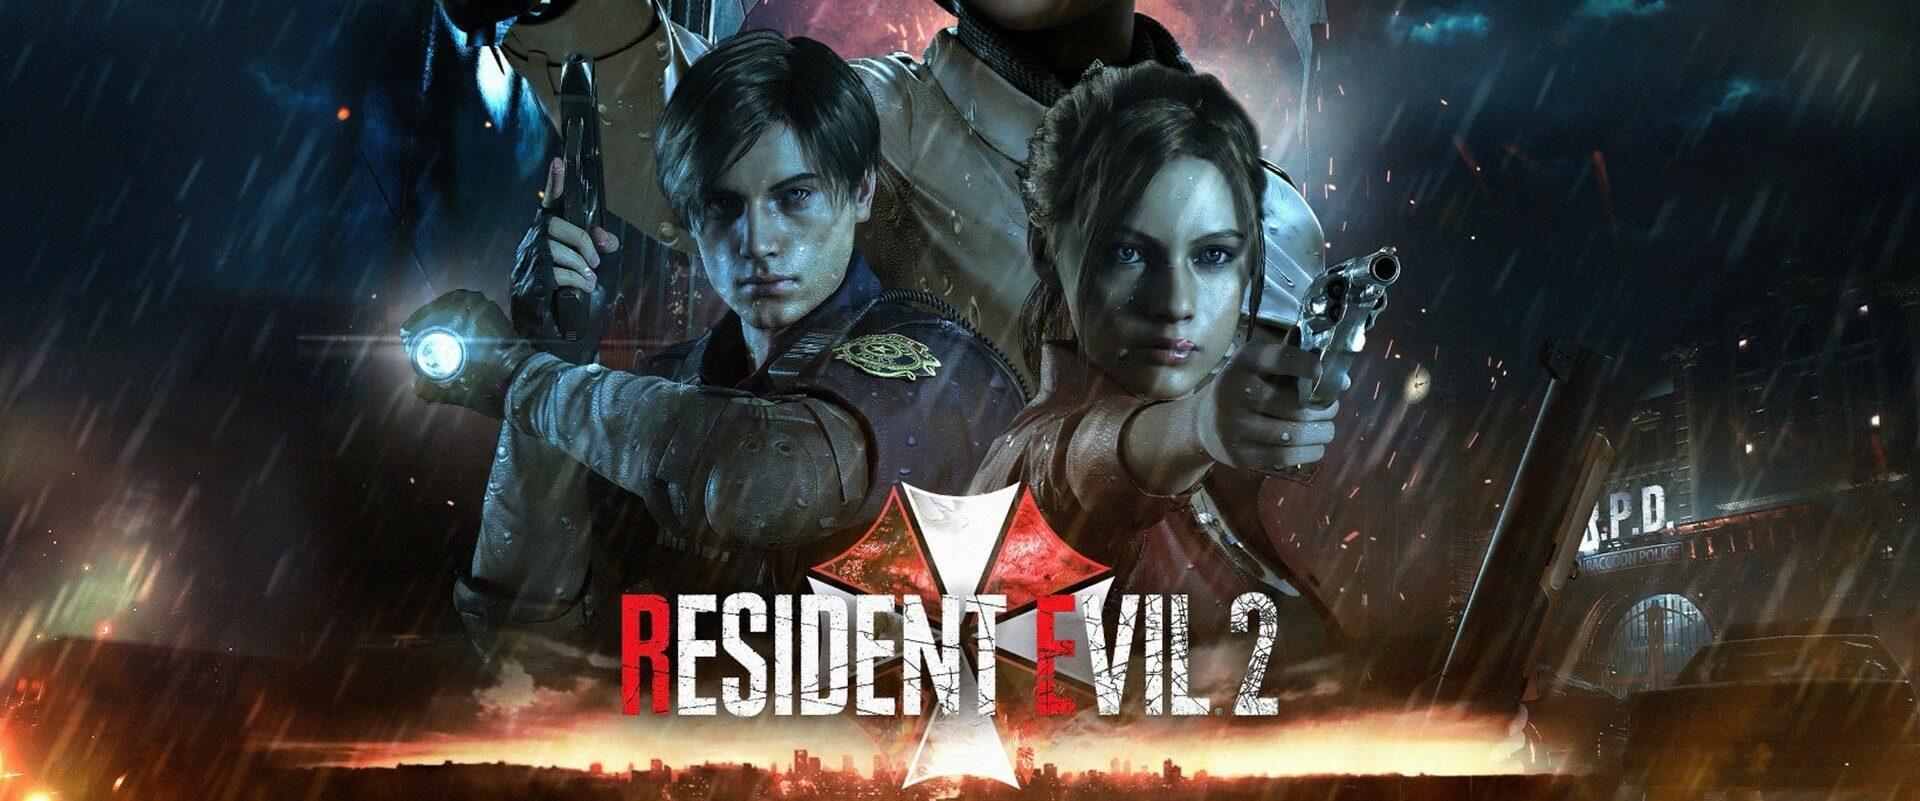 Resident Evil 2 : Remake